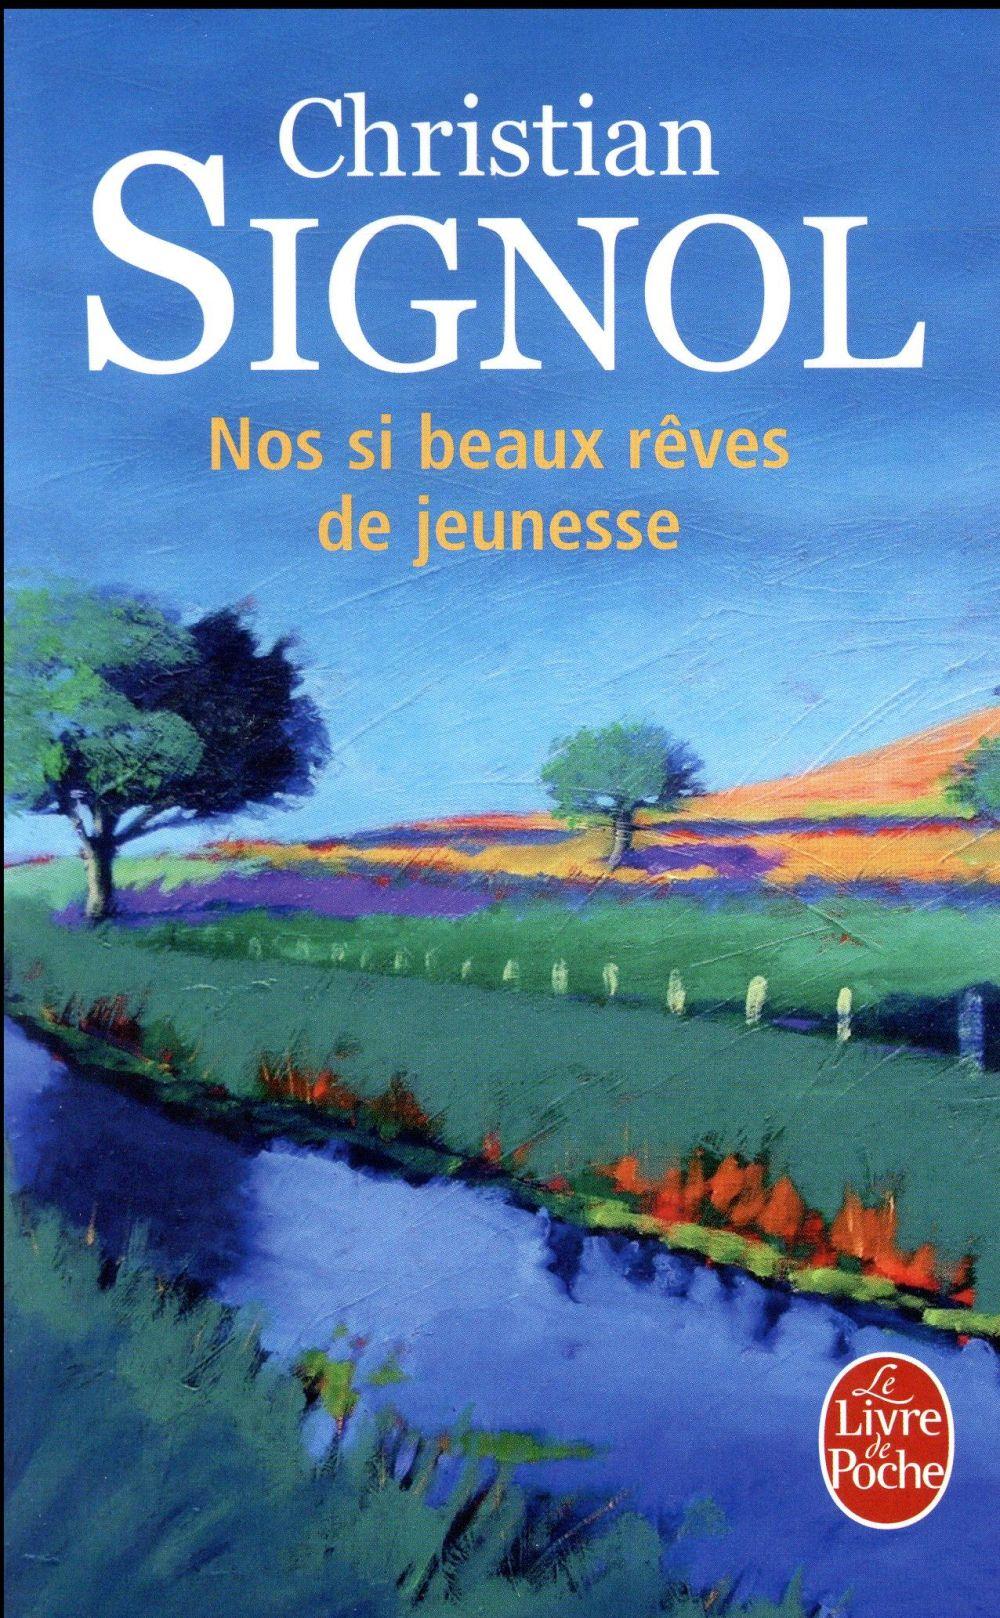 NOS SI BEAUX REVES DE JEUNESSE Signol Christian Le Livre de poche